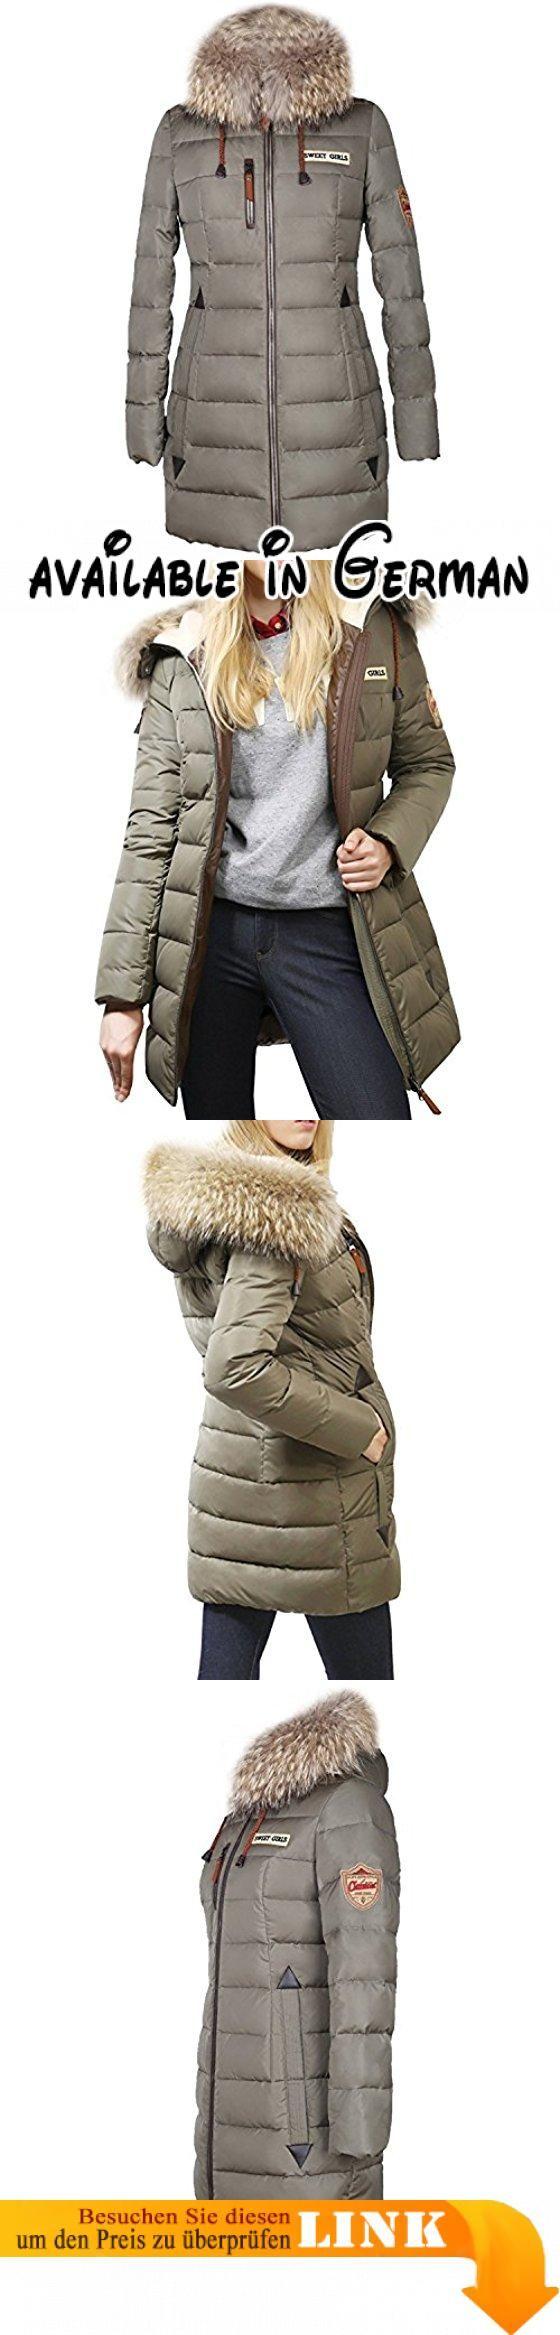 BININBOX® Damen Mantel Winterjacke Daunenmantel Steppjacke Kapuzen Daunenjacke Fell Parka lang (36(Hersteller Gr.M), Grün). Material Füllung: 70%Daunen, 30%Federn. Verschluss: Reißverschluss. Unser Modell hat eine Körpergröße von: 178cm(82/66/98); Unser Model trägt Größe: M. #Apparel #OUTERWEAR